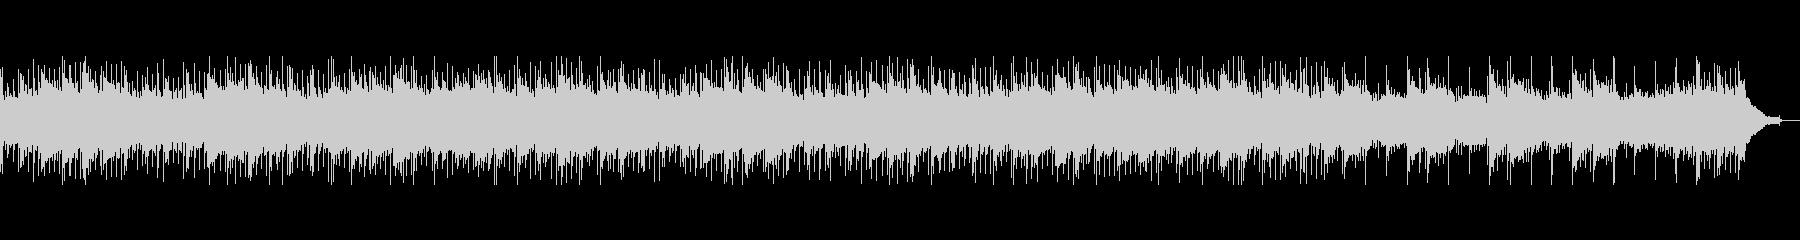 切ない雰囲気のアコギピアノセンチメンタルの未再生の波形